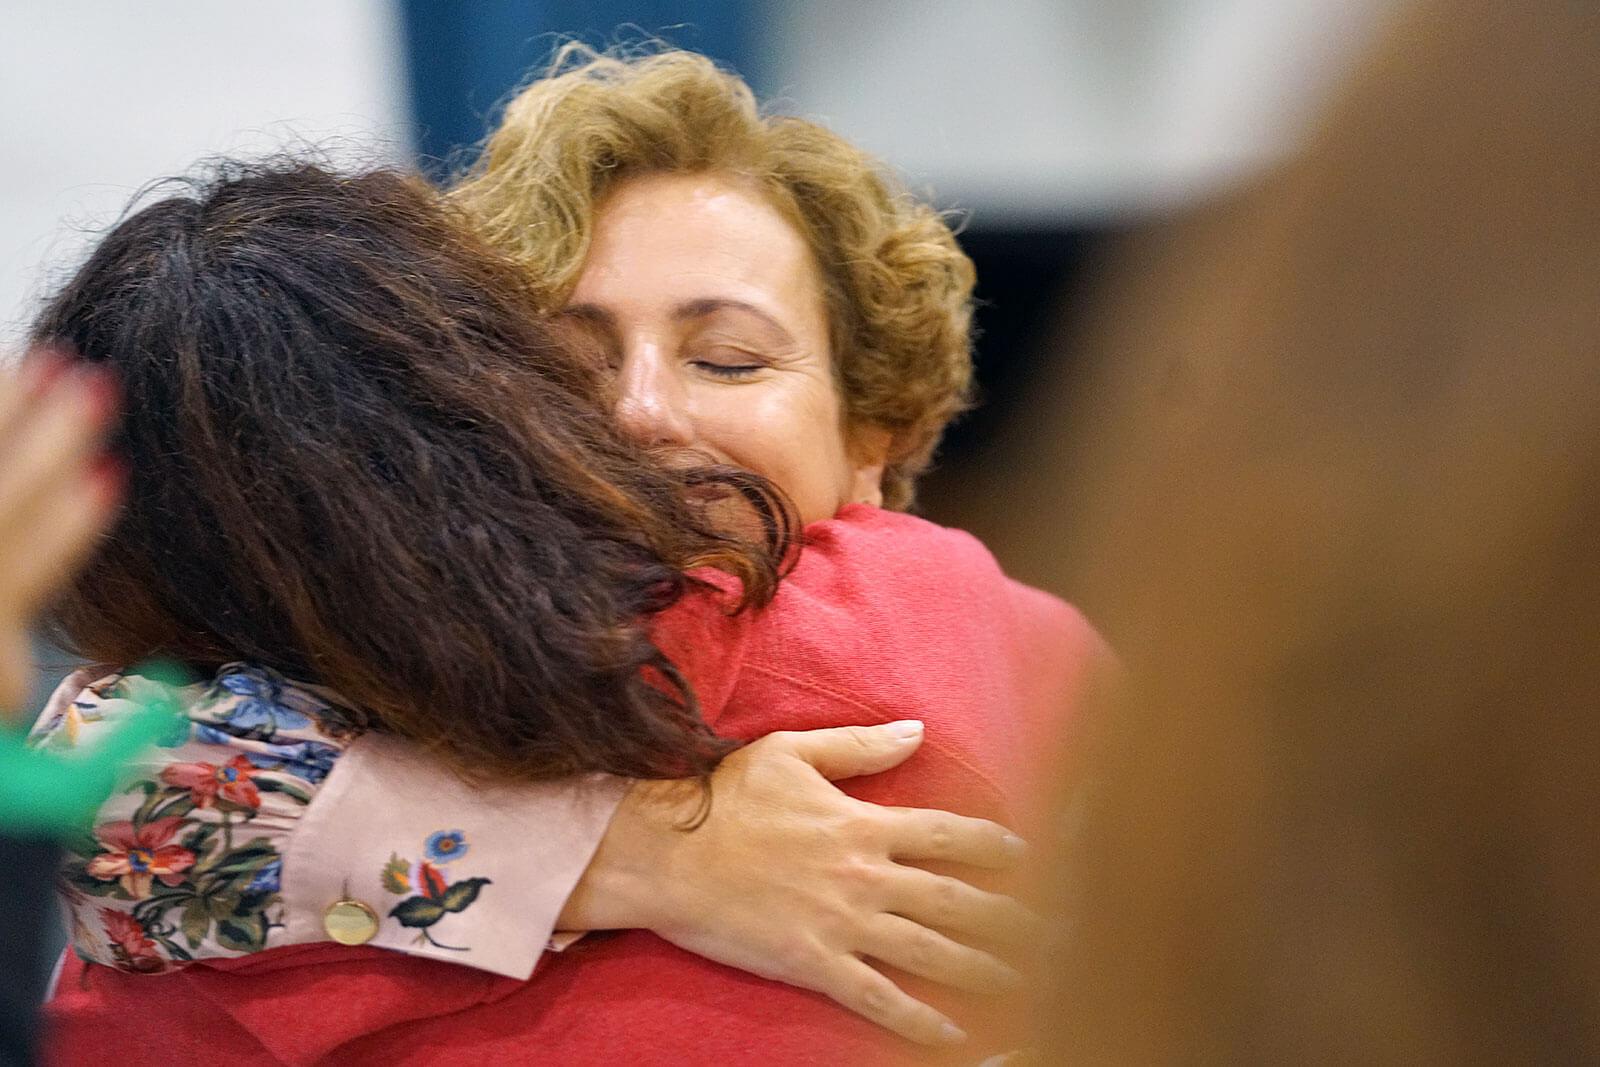 Rita Aleluia a abraçar uma pessoa